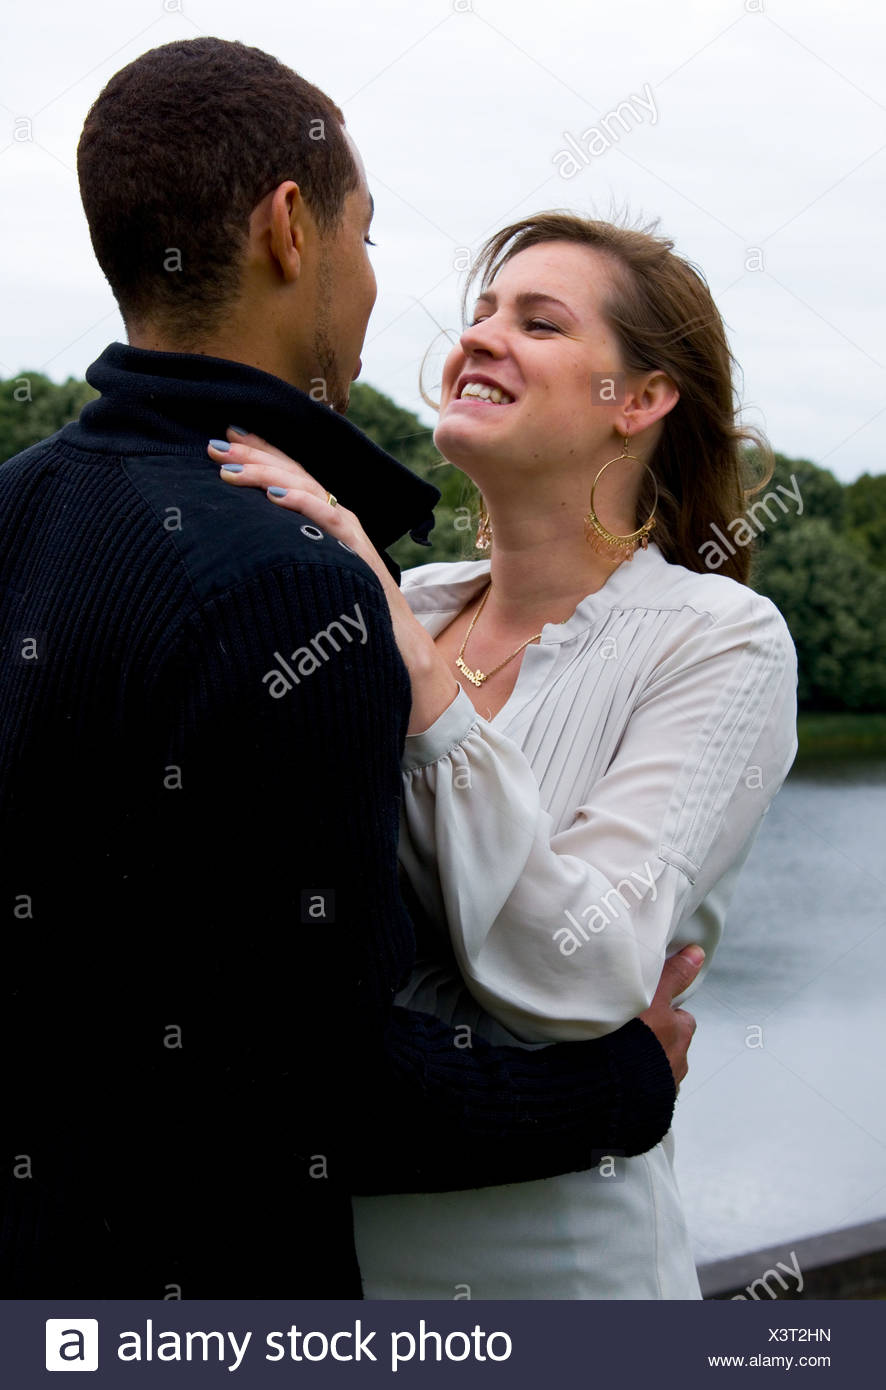 Dating ein schwarzer Kerl gegen einen weißen Kerl North yorkshire dating agency